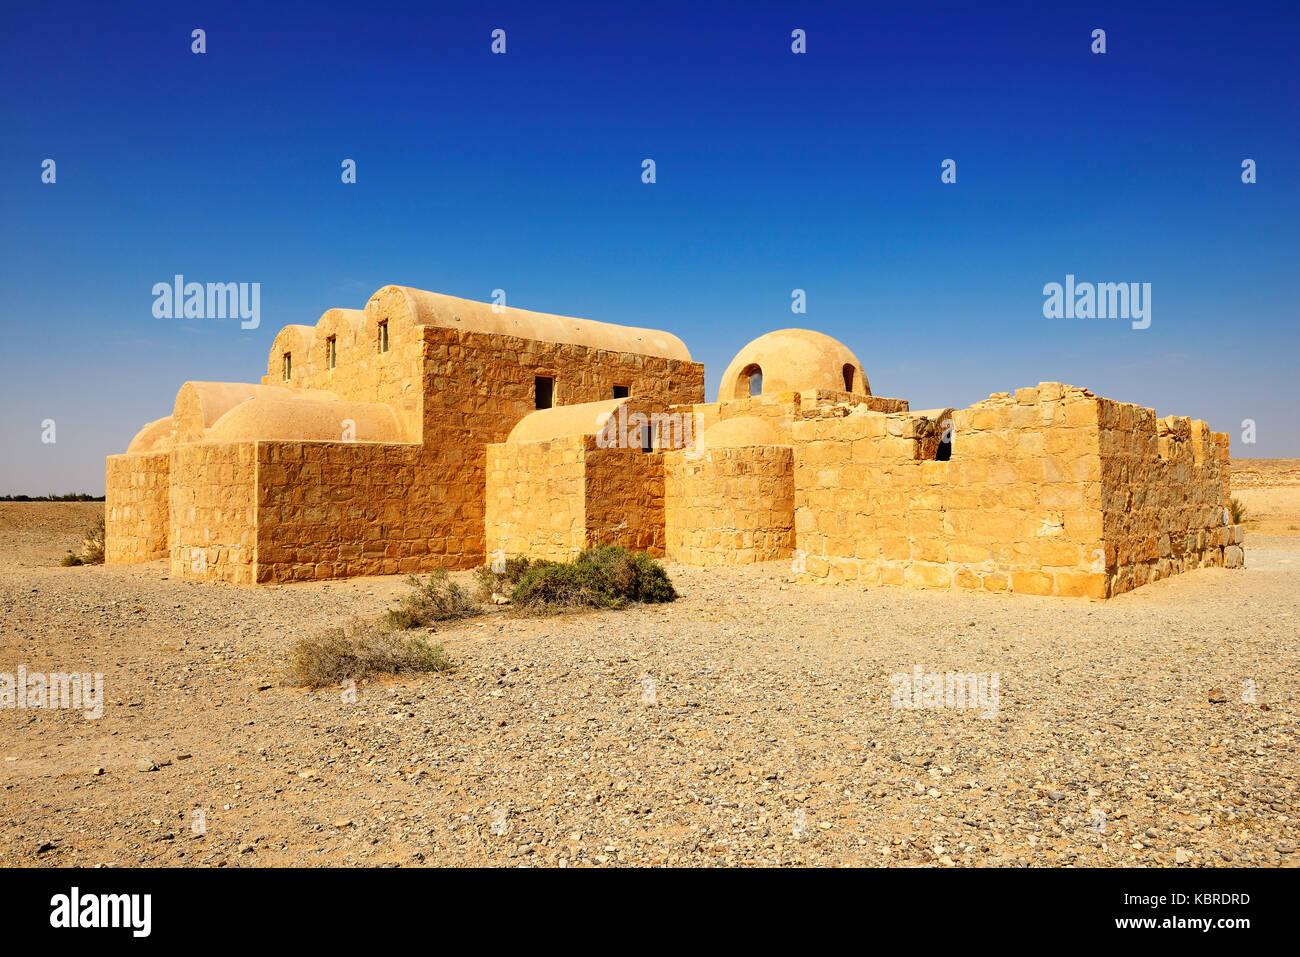 Omayyad desert castle, Qasr Amra, Jordan - Stock Image